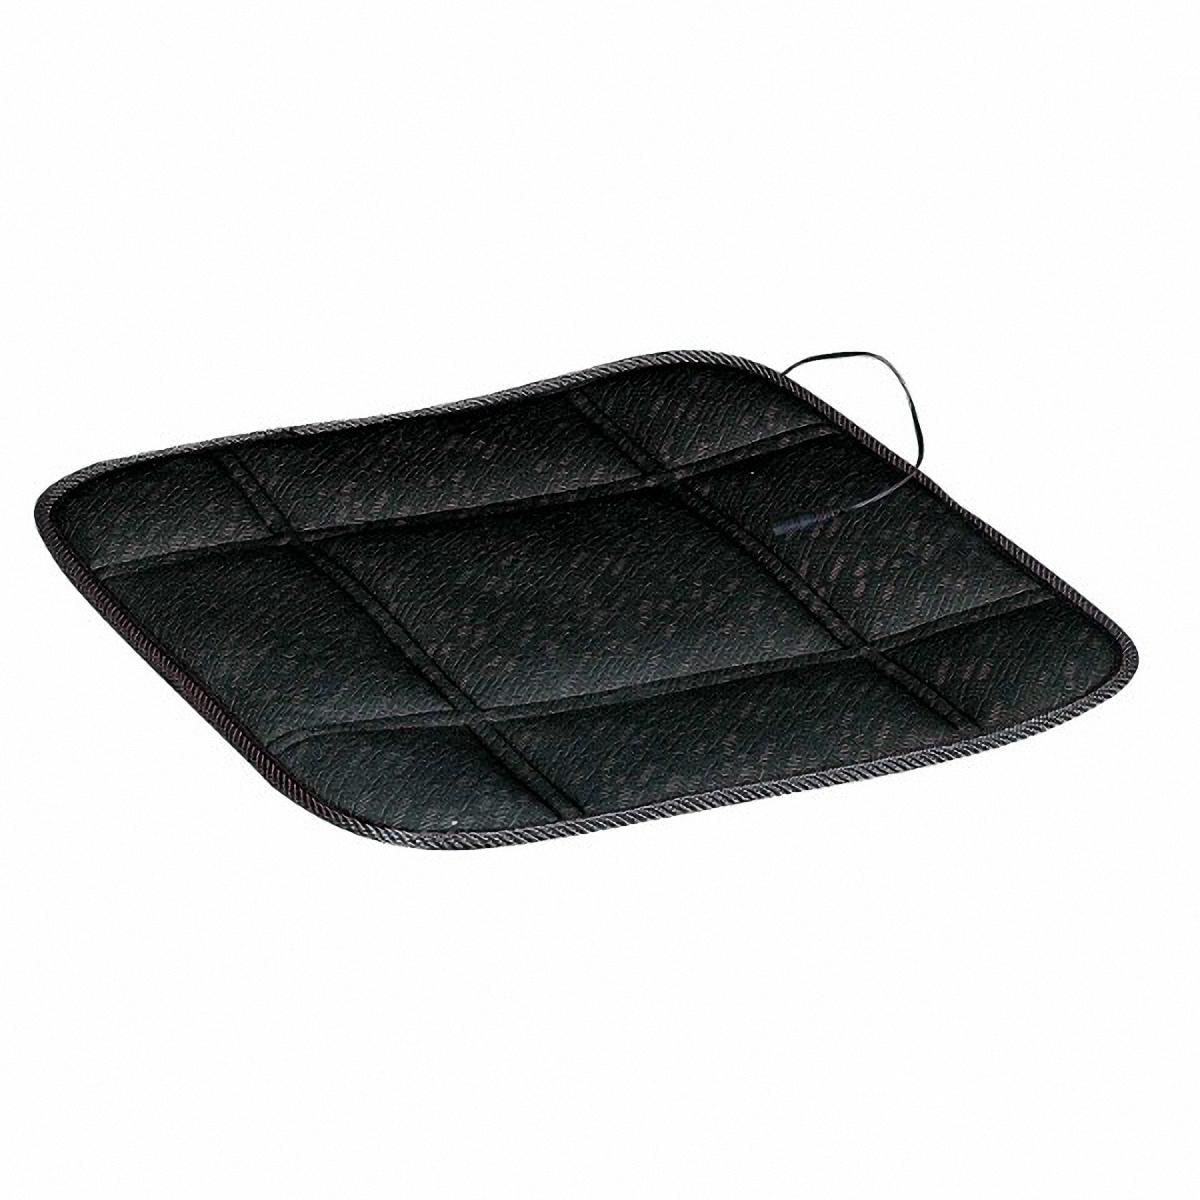 Подогрев для сиденья Skyway, без спинки, цвет: черный, 43 х 43 см защита спинки сиденья skyway s06101011 black